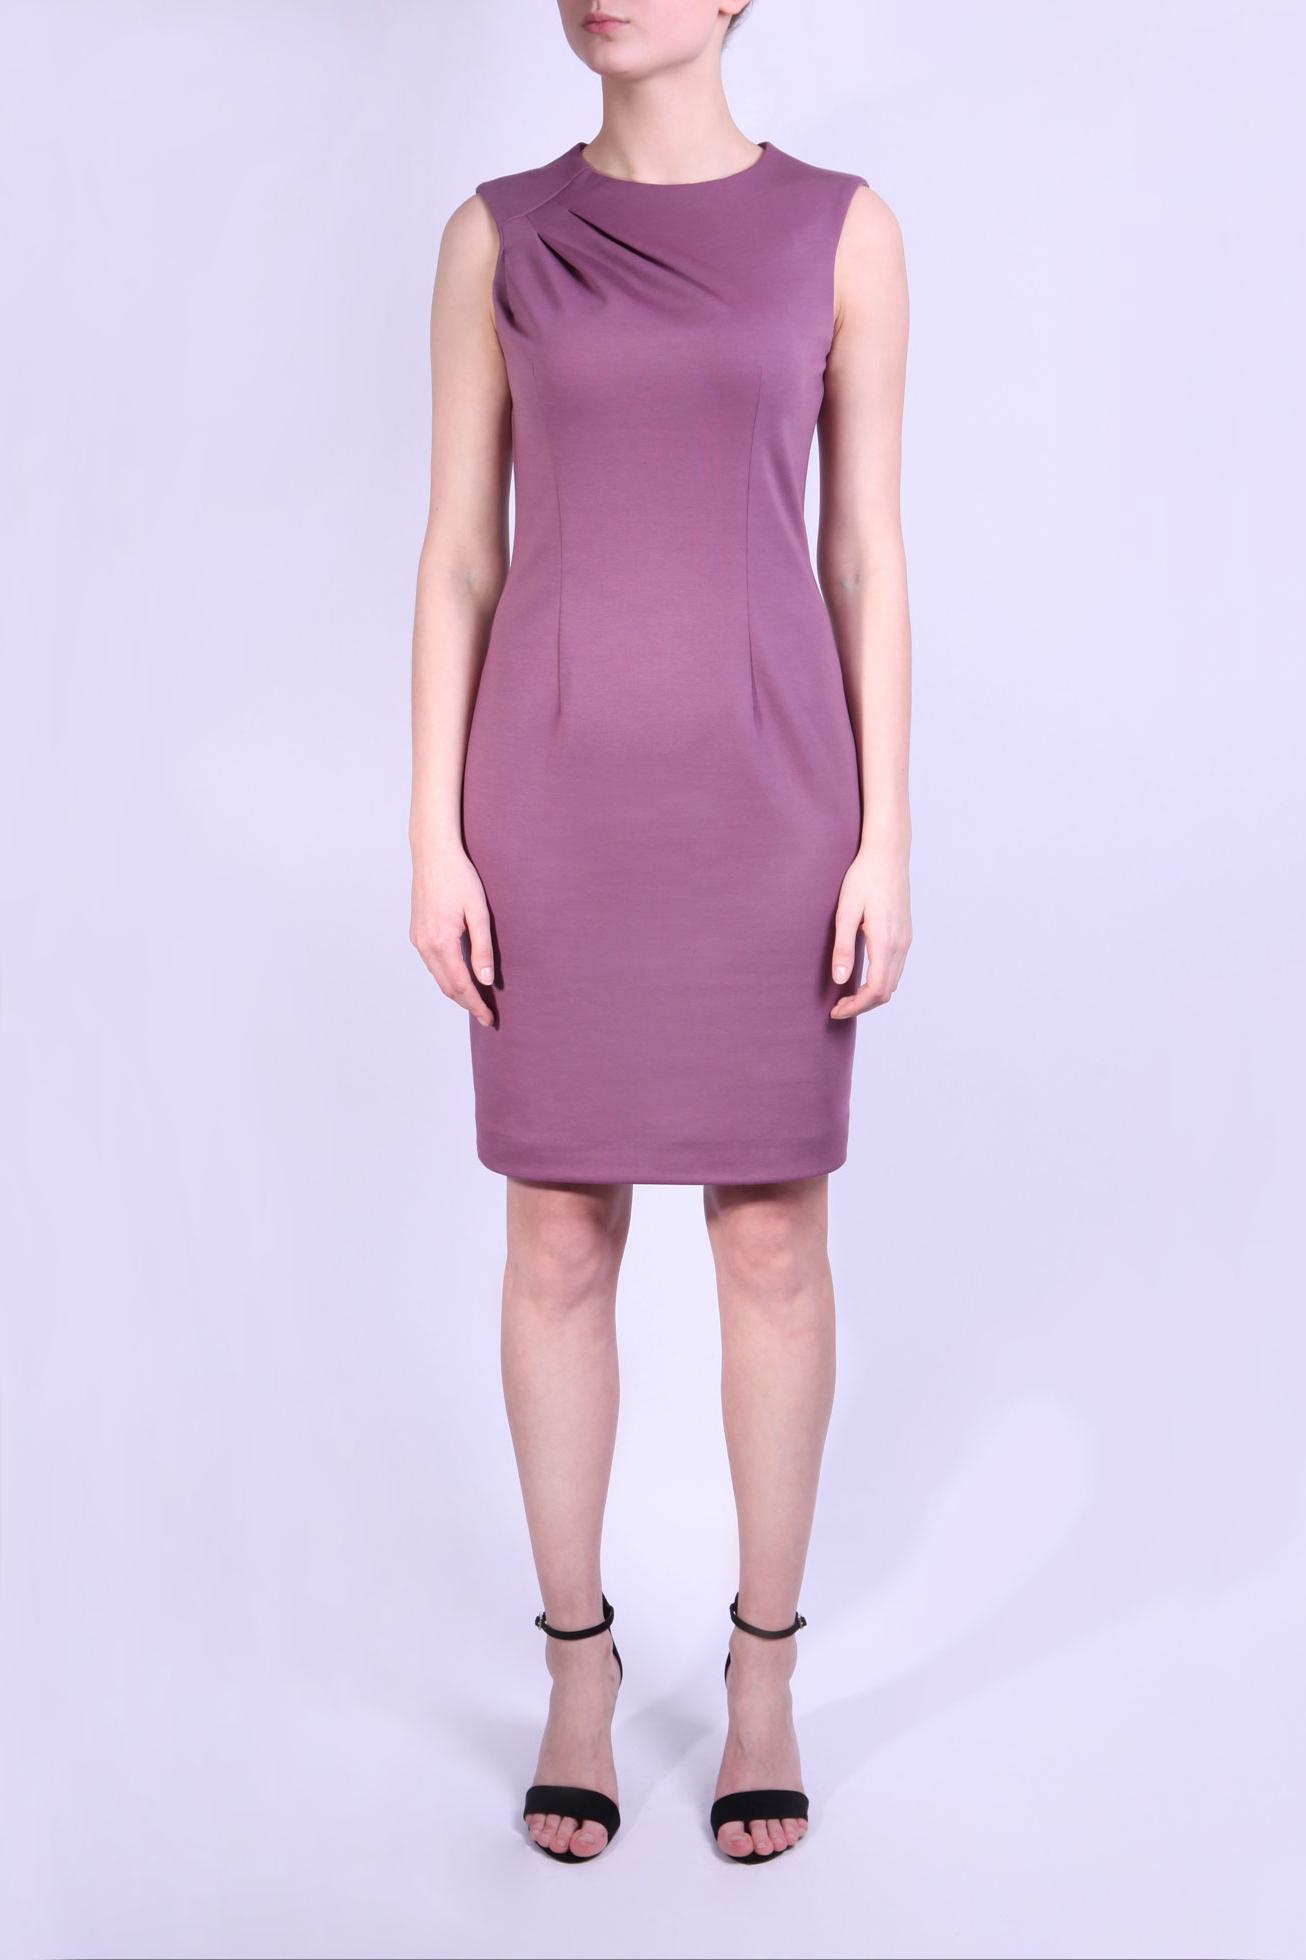 ПлатьеПлатья<br>Легкое платье без рукавов немного выше колена. На груди две оригинальные складки. Застежка типа молния скрыта в шве на спине. Это платье подойдет для повседневного ношения в теплое время года. Кофейный цвет платья создает теплое настроение.   Параметры размеров: Обхват груди размер 46 - 92 см, размер 48 - 96 см, размер 50 - 100 см Обхват талии размер 46 - 72 см, размер 48 - 76 см, размер 50 - 80 см Обхват бедер размер 46 - 100 см, размер 48 - 104 см, размер 50 - 108 см  Цвет: розовый  Ростовка изделия 164 см.<br><br>Горловина: С- горловина<br>По длине: До колена<br>По материалу: Трикотаж<br>По рисунку: Однотонные<br>По силуэту: Приталенные<br>По стилю: Повседневный стиль<br>По форме: Платье - футляр<br>По элементам: С декором,С разрезом,Со складками<br>Разрез: Короткий,Шлица<br>Рукав: Без рукавов<br>По сезону: Осень,Весна<br>Размер : 46,48,50<br>Материал: Джерси<br>Количество в наличии: 3